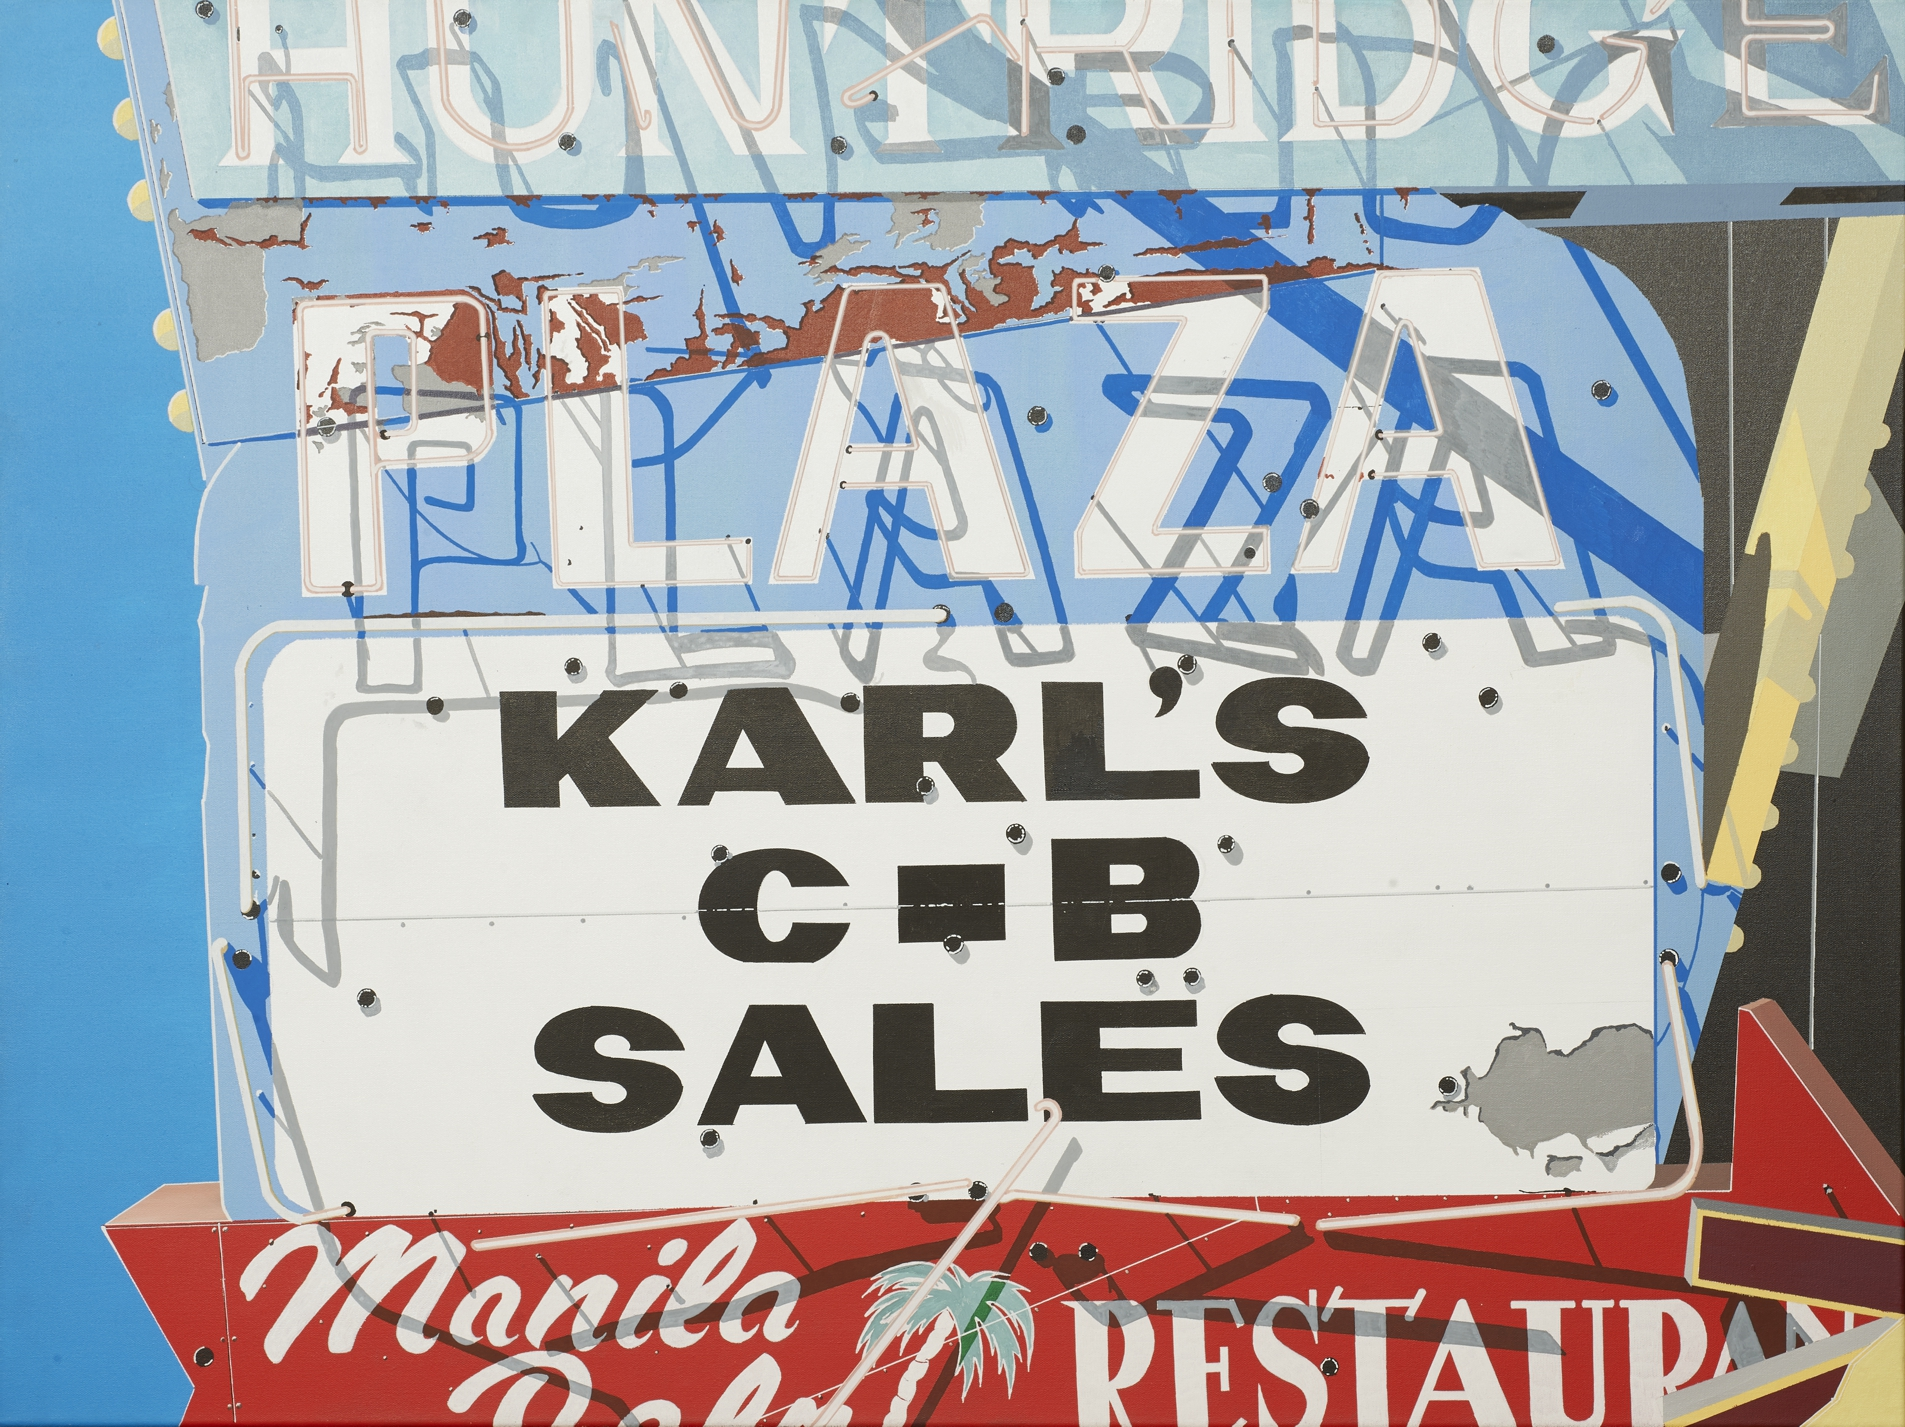 Karl's Las Vegas